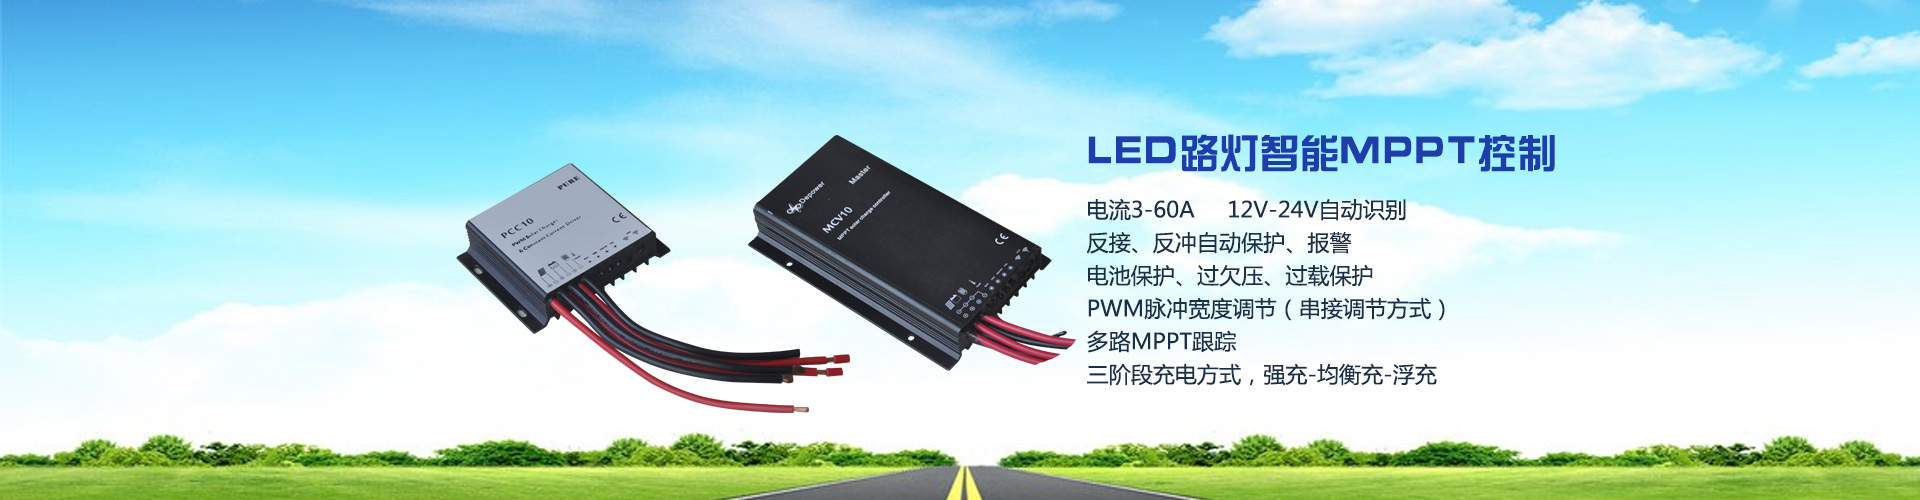 LED路燈智能MPPT控制器